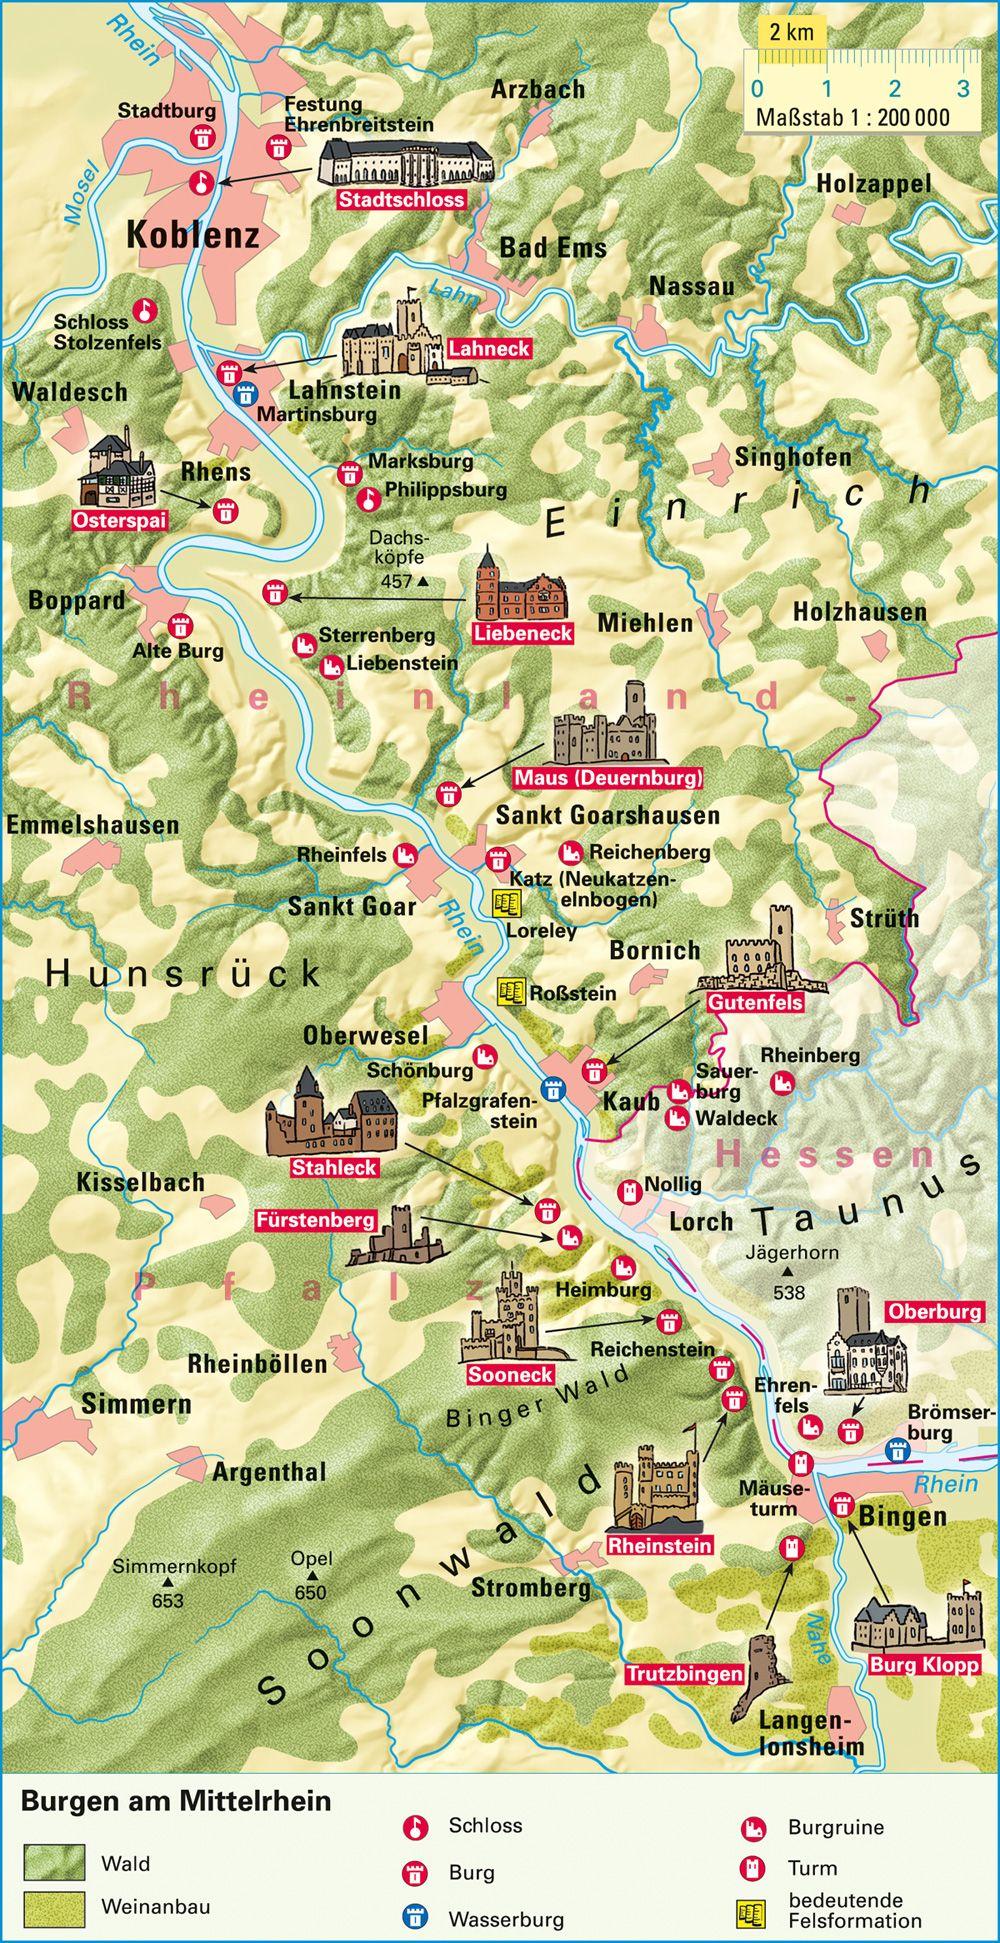 Mittelrheintal Karte.Burgen Am Mittelrhein Misc In 2019 Mittelrhein Schloss